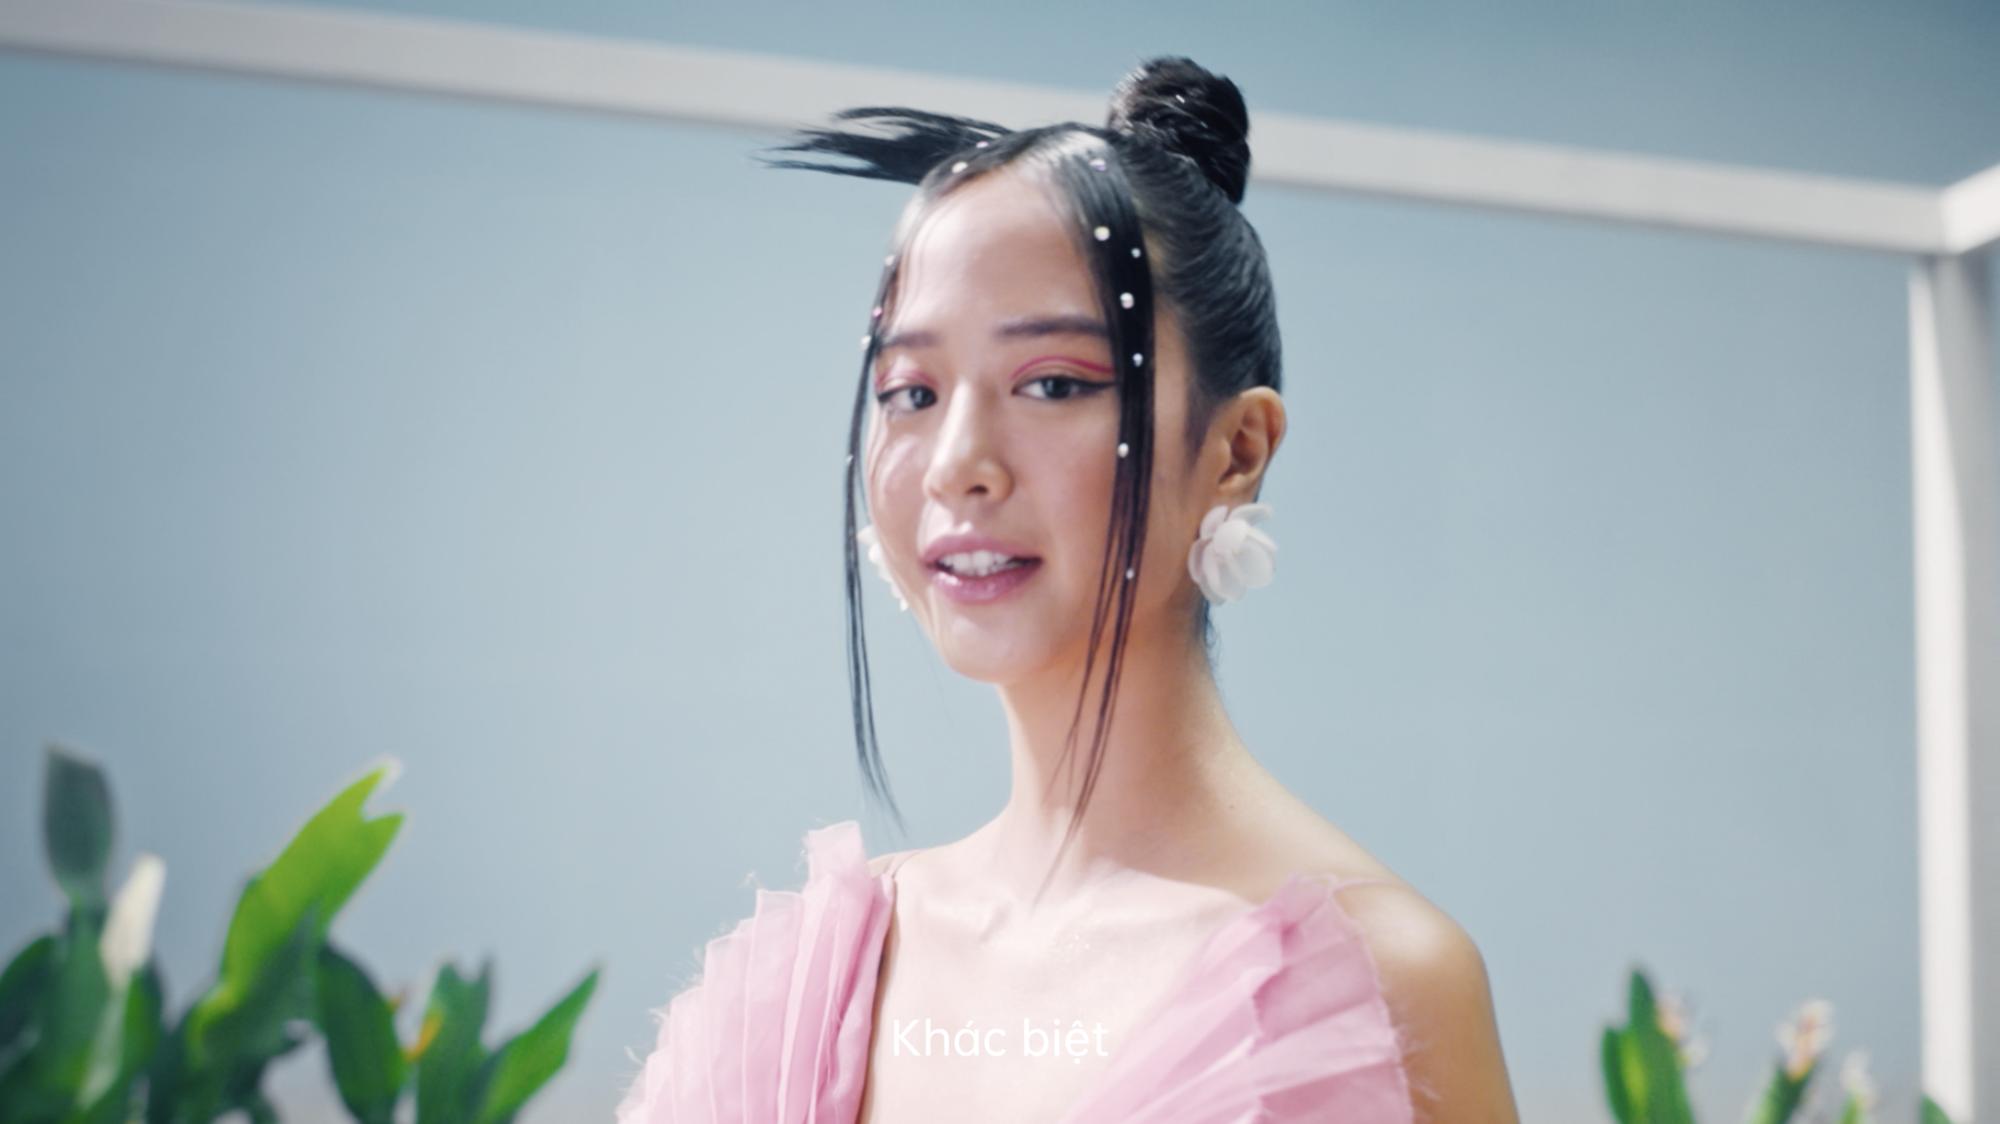 Điểm danh 4 nhân vật xuất hiện trong clip truyền cảm hứng khác biệt cùng Sơn Tùng M-TP - Ảnh 3.